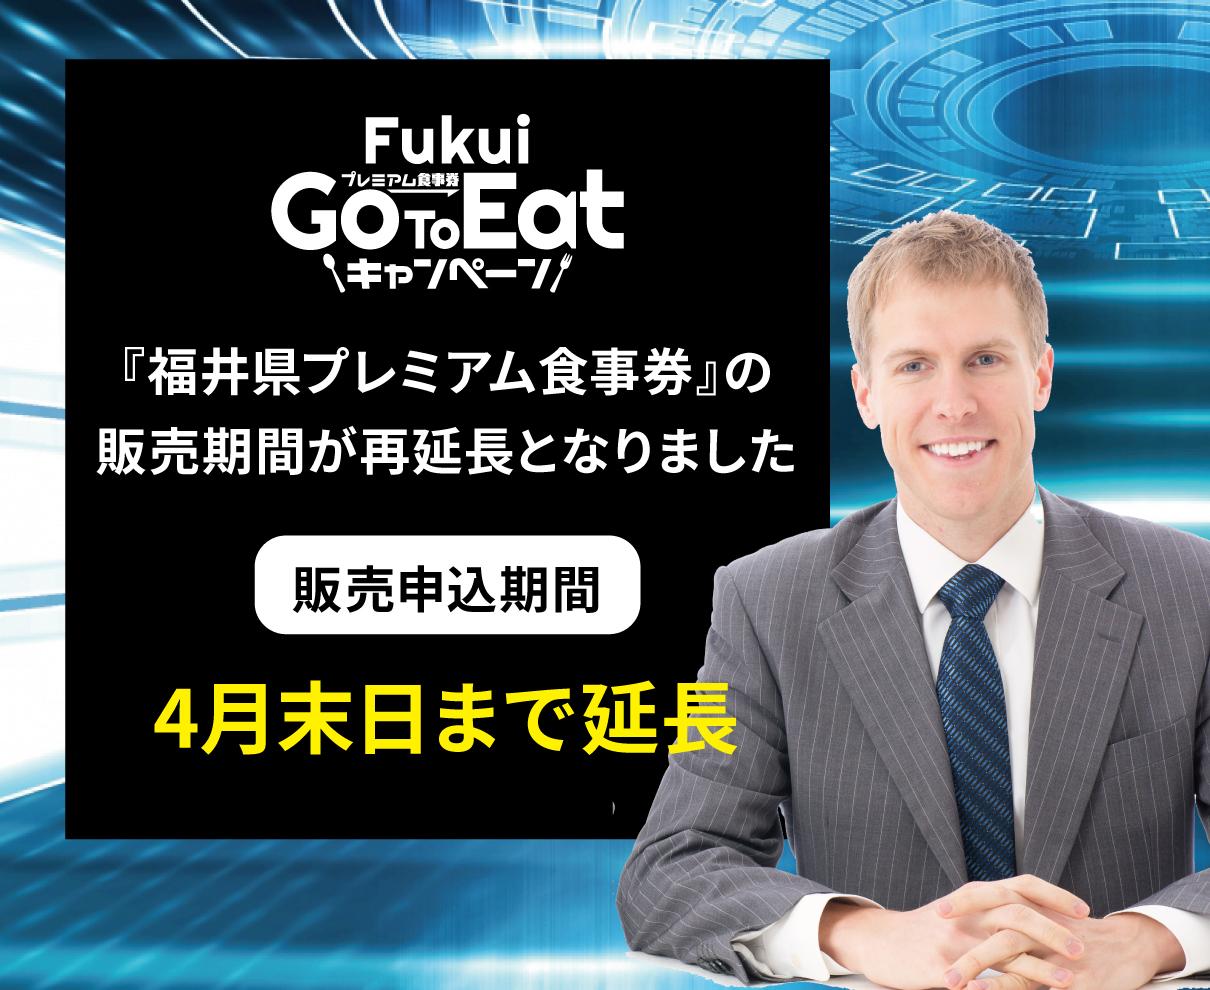 【速報】販売申込期間がさらに延長!『福井県GoToEatキャンペーン』